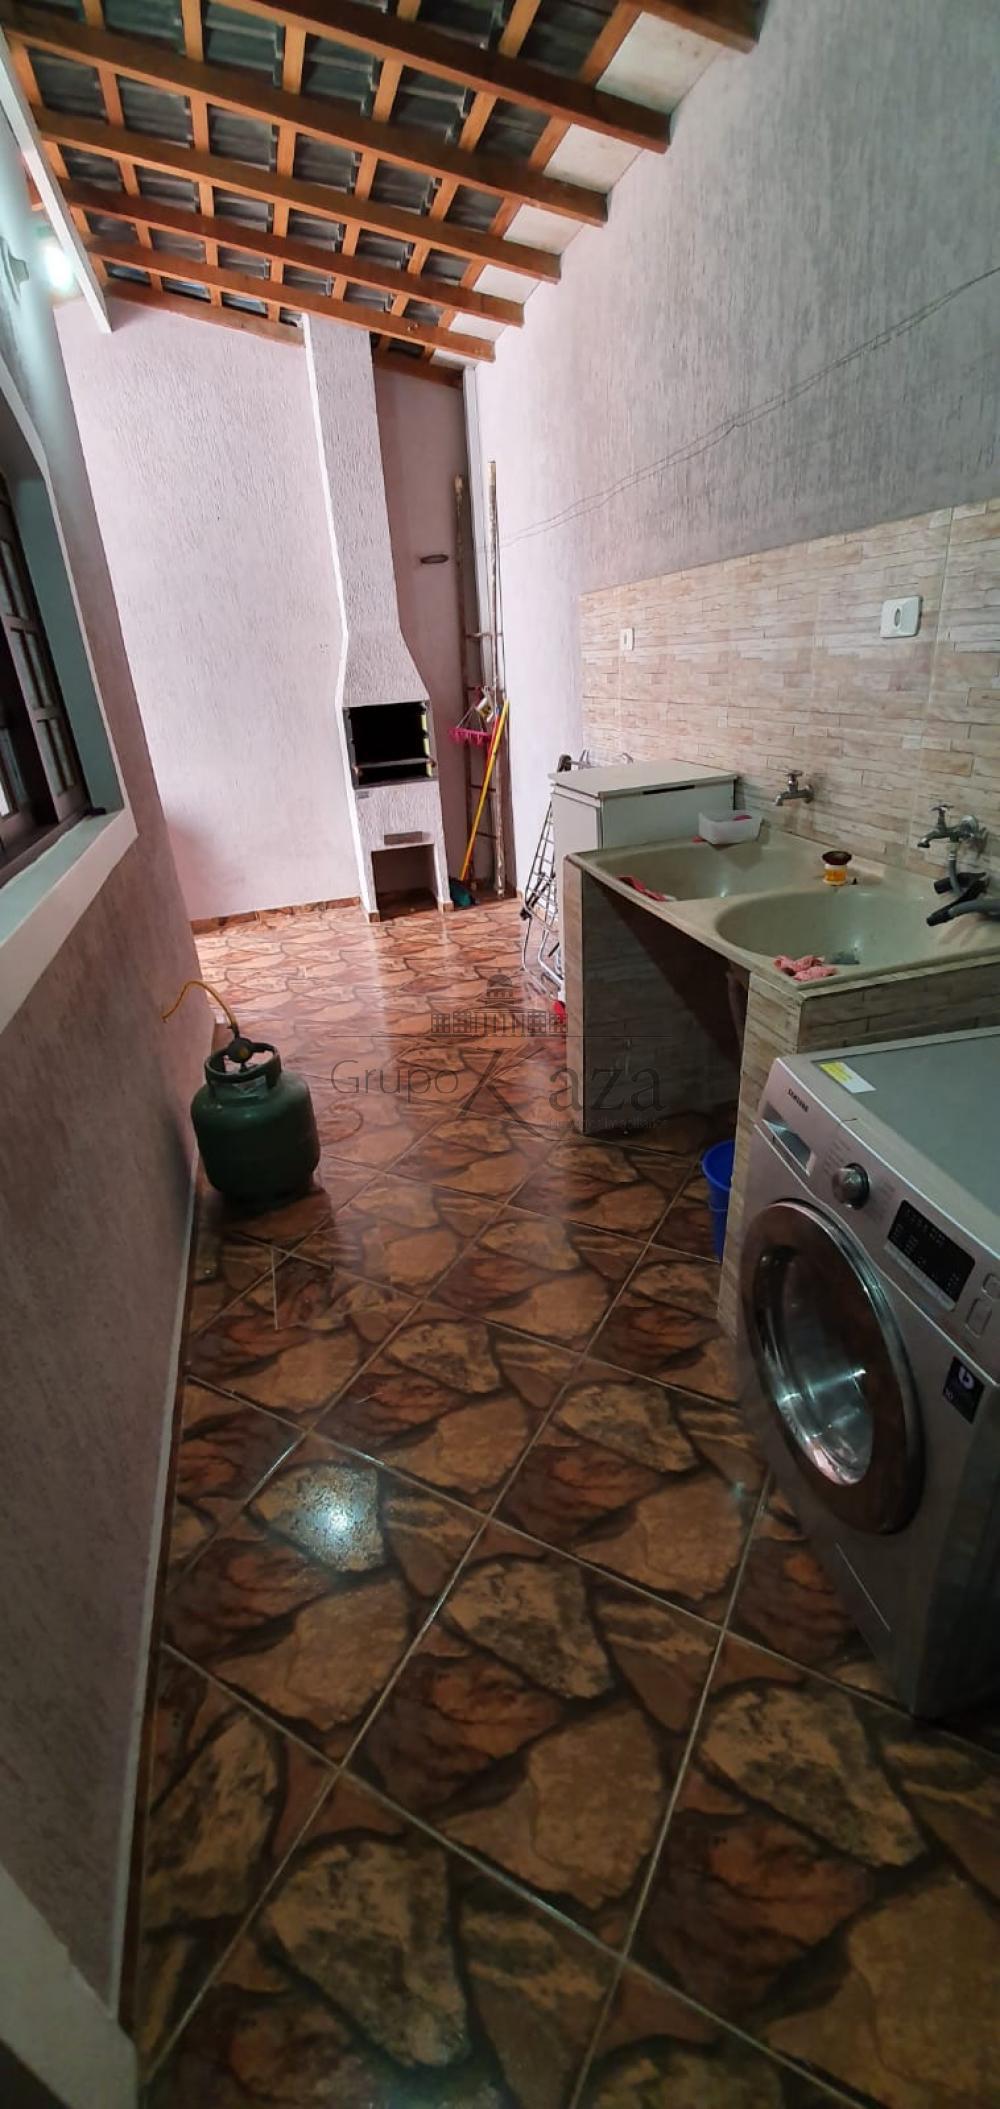 alt='Comprar Casa / Sobrado em São José dos Campos R$ 330.000,00 - Foto 9' title='Comprar Casa / Sobrado em São José dos Campos R$ 330.000,00 - Foto 9'